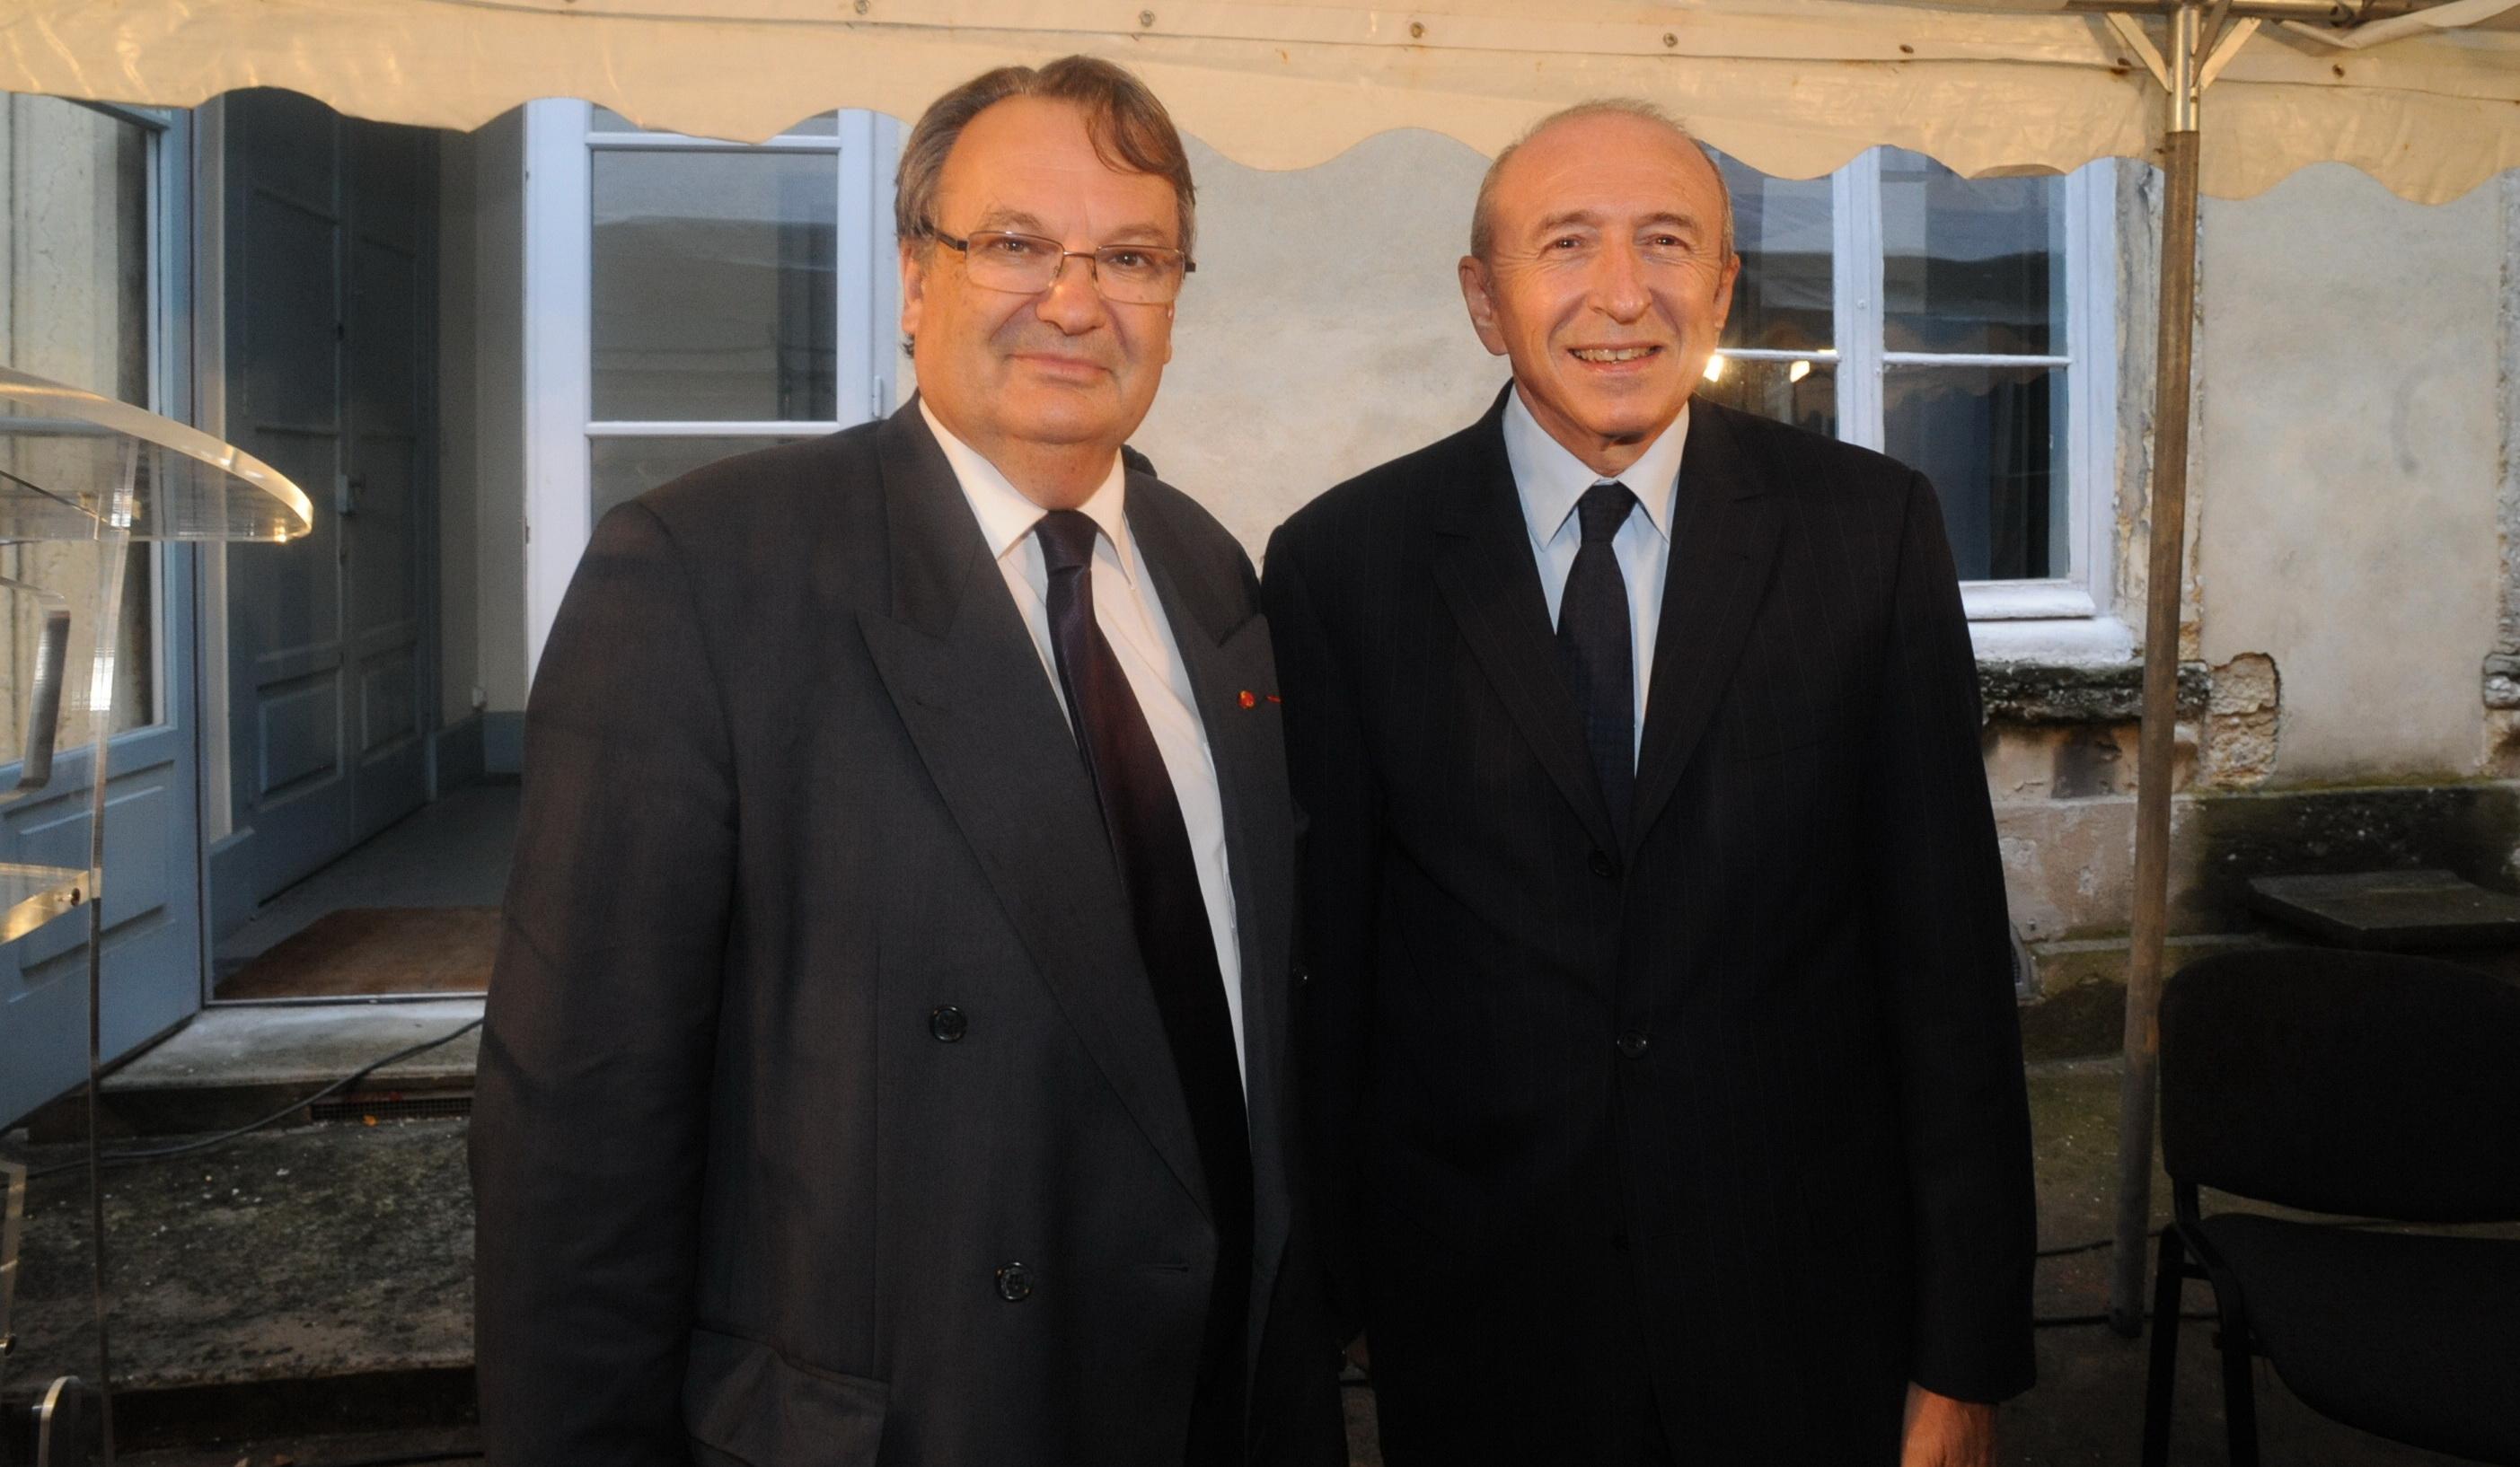 Municipales Lyon 2014. Jean-Dominique Durand sur les listes de Gérard Collomb